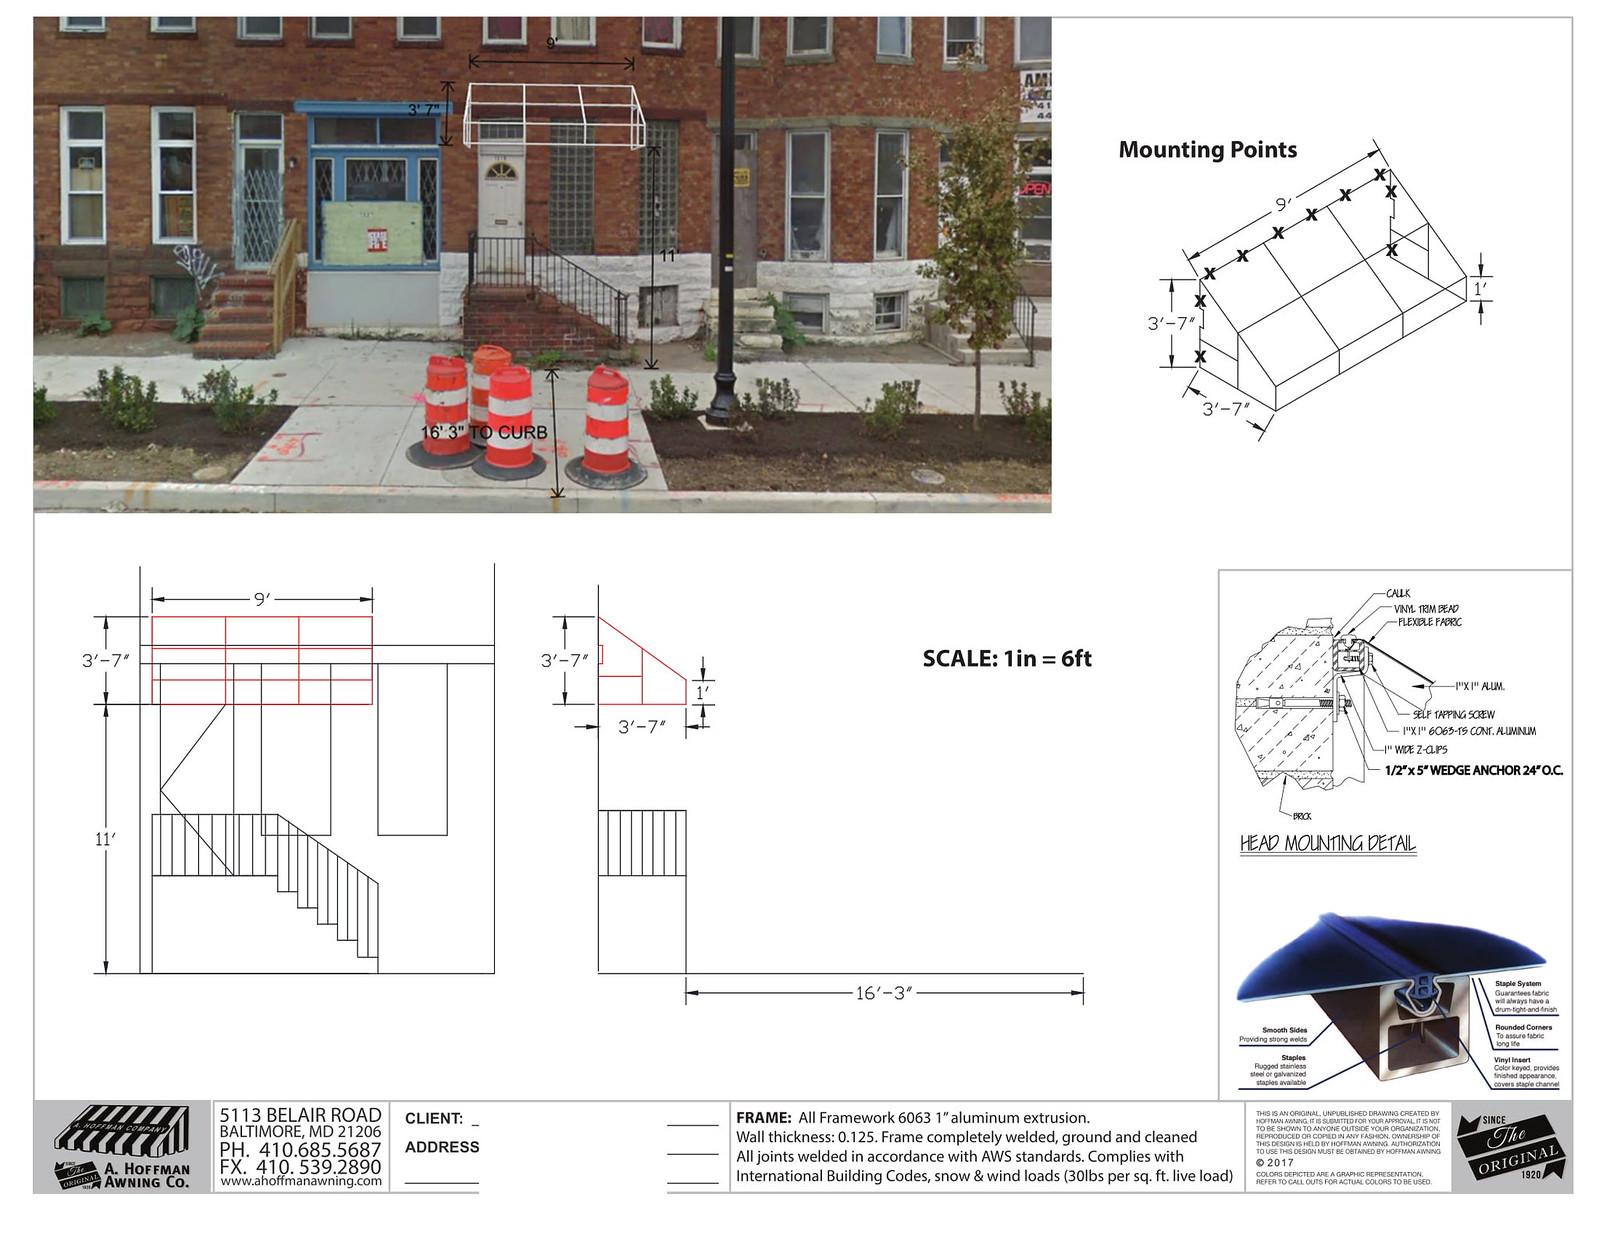 A. Hoffman Awning-Cad Awning Design Baltimore-Hoffman Awning